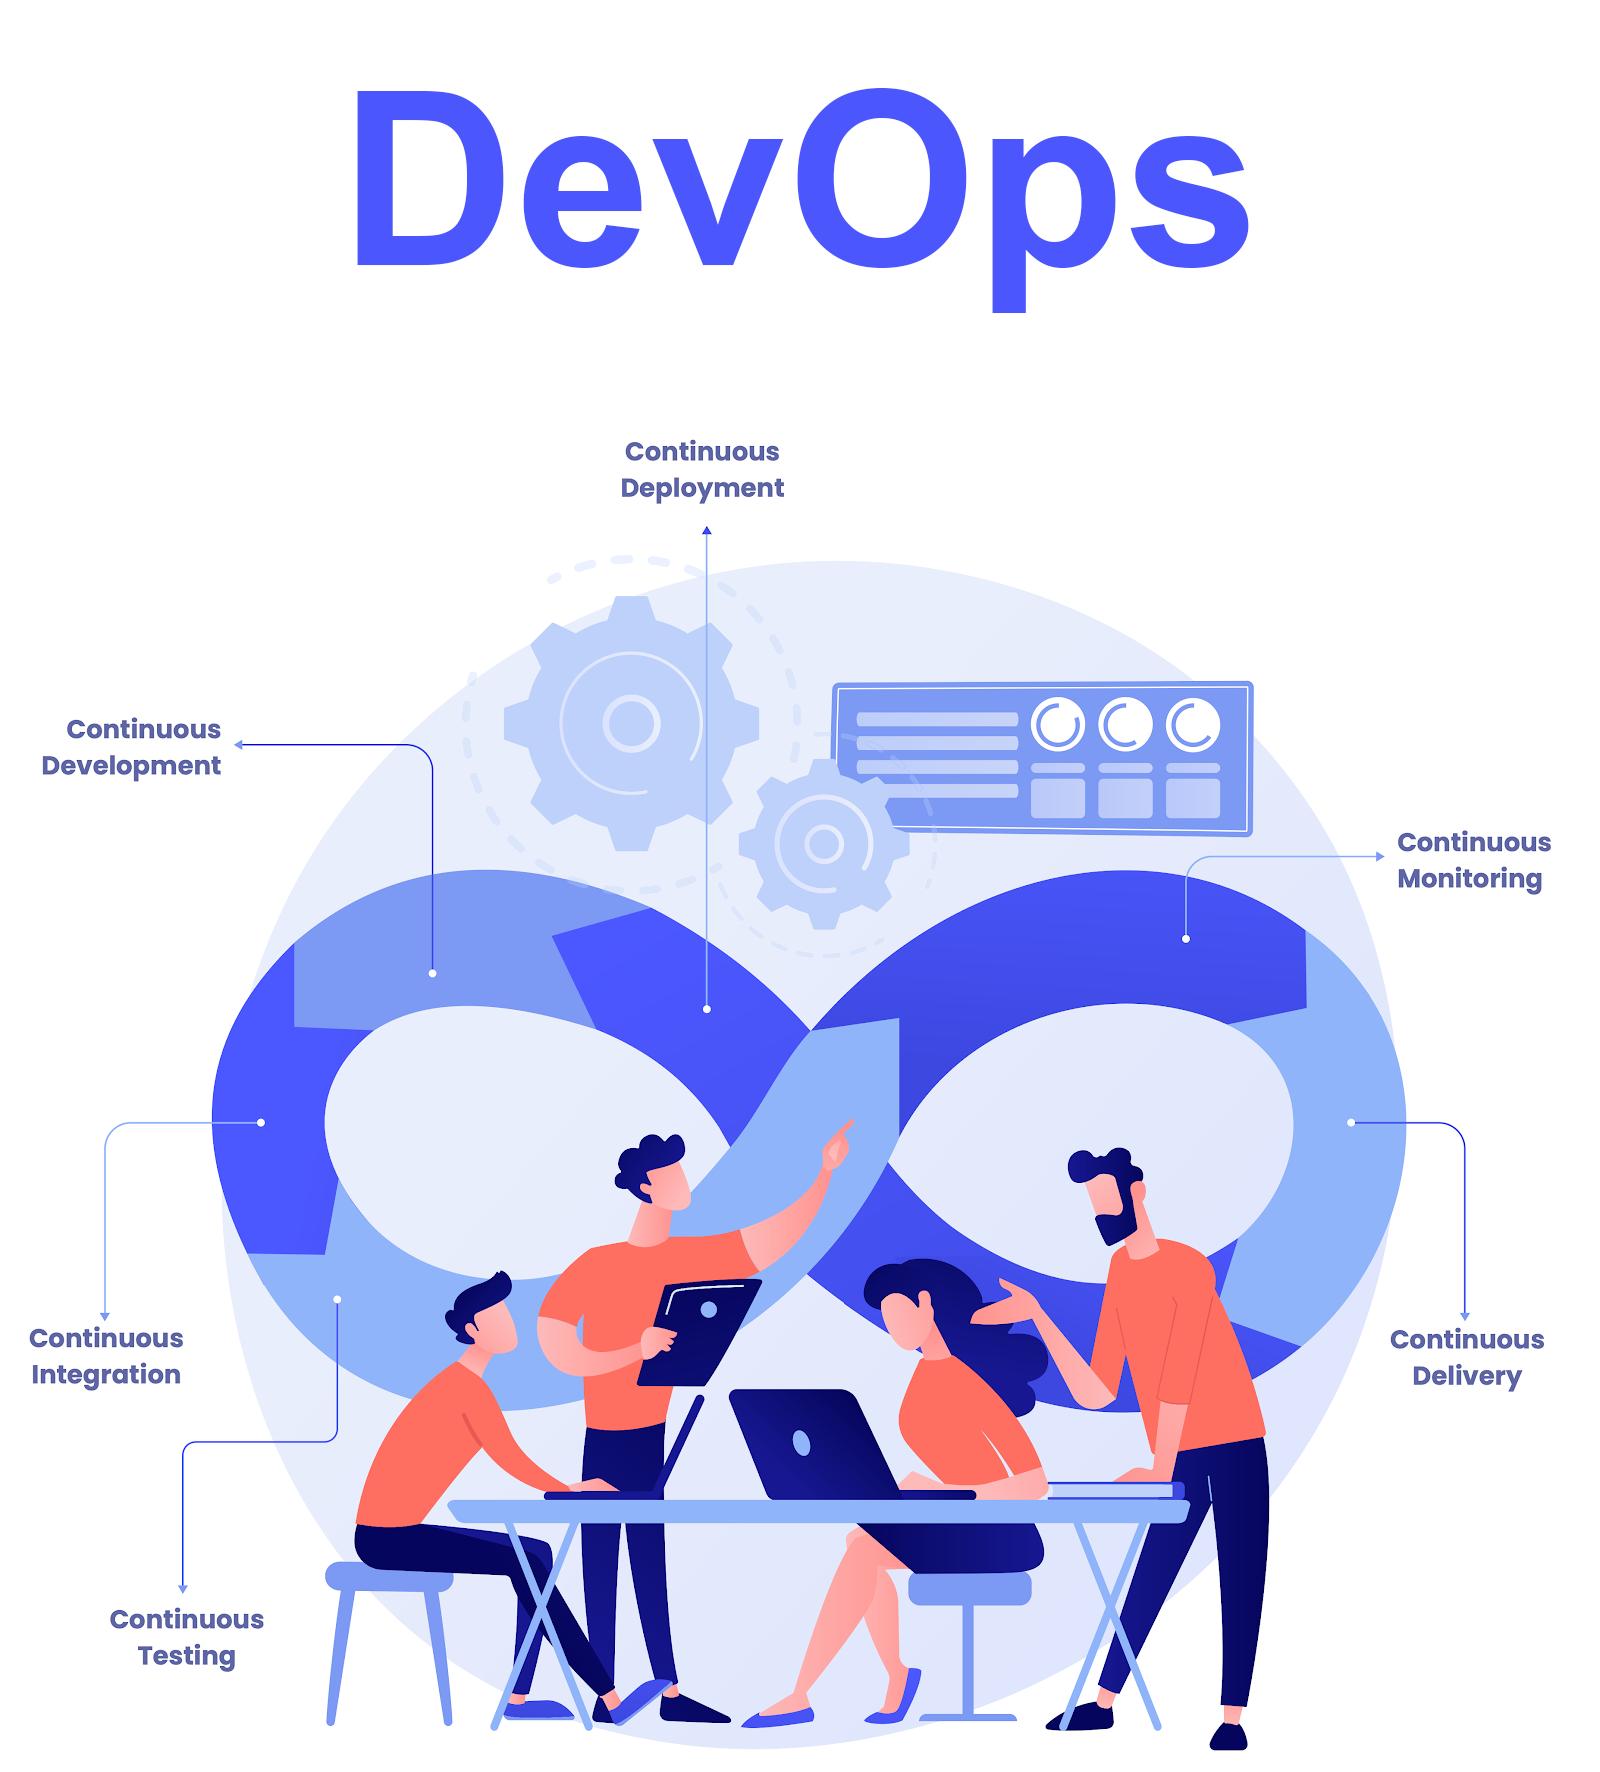 Our DevOps Methodology